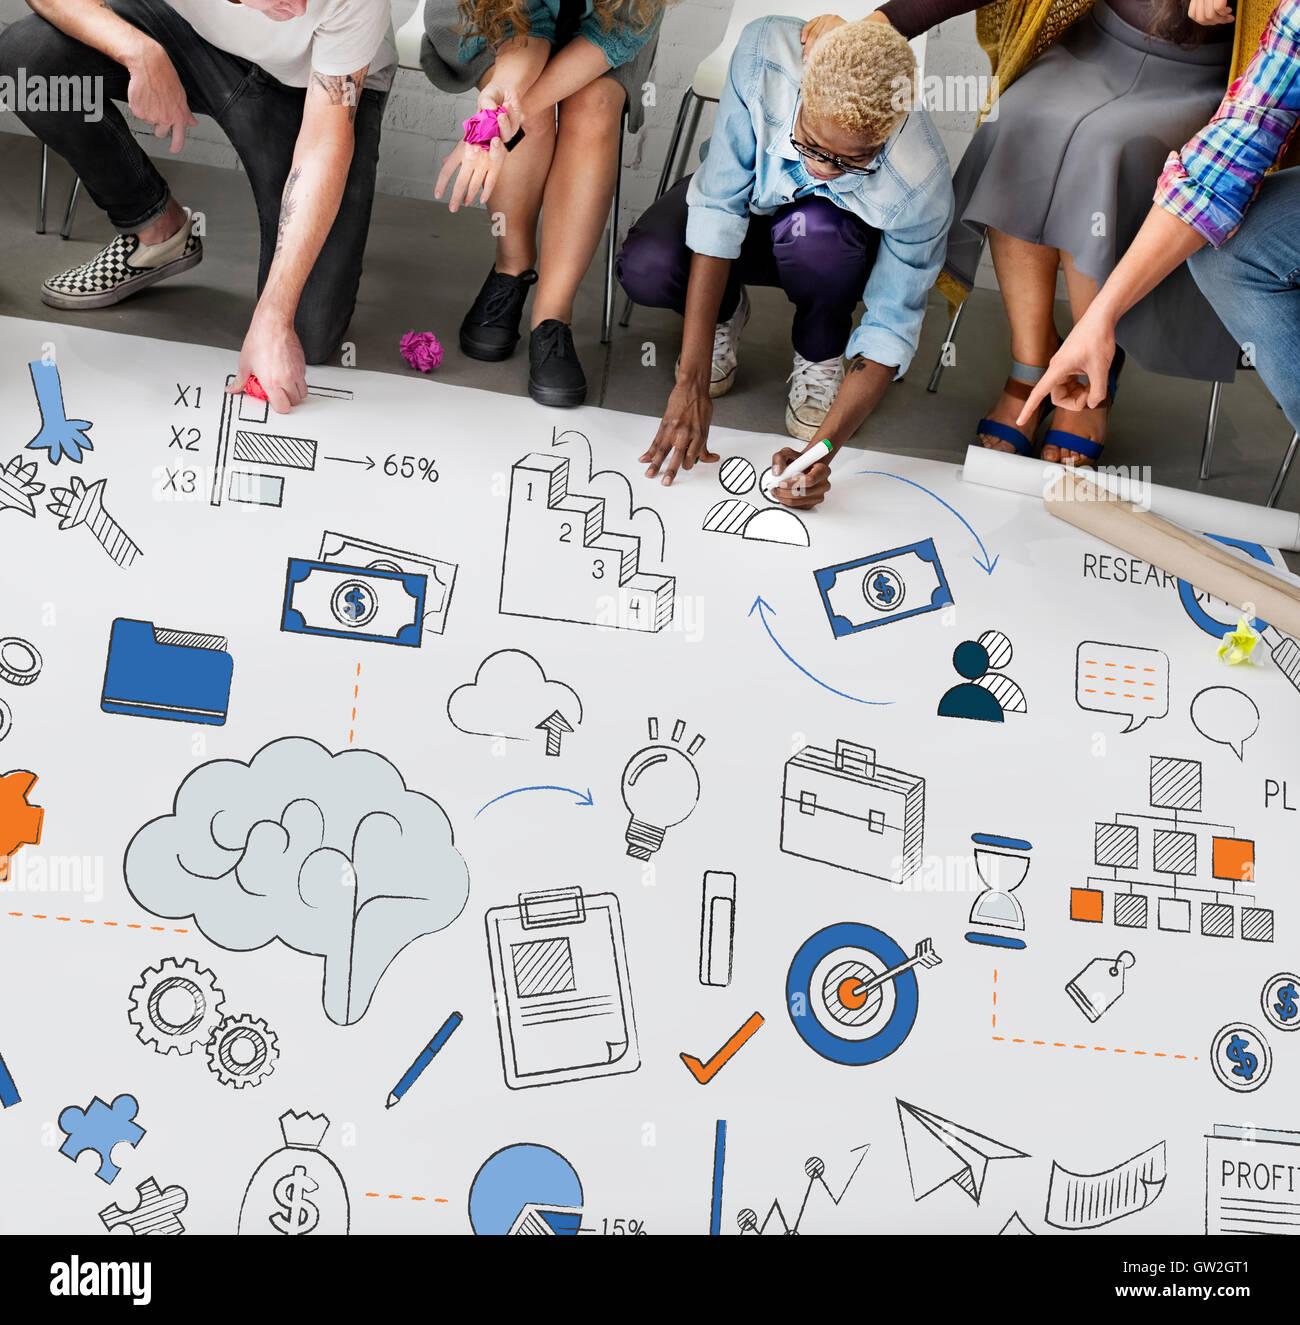 Concepto de administración de finanzas de crecimiento empresarial Imagen De Stock